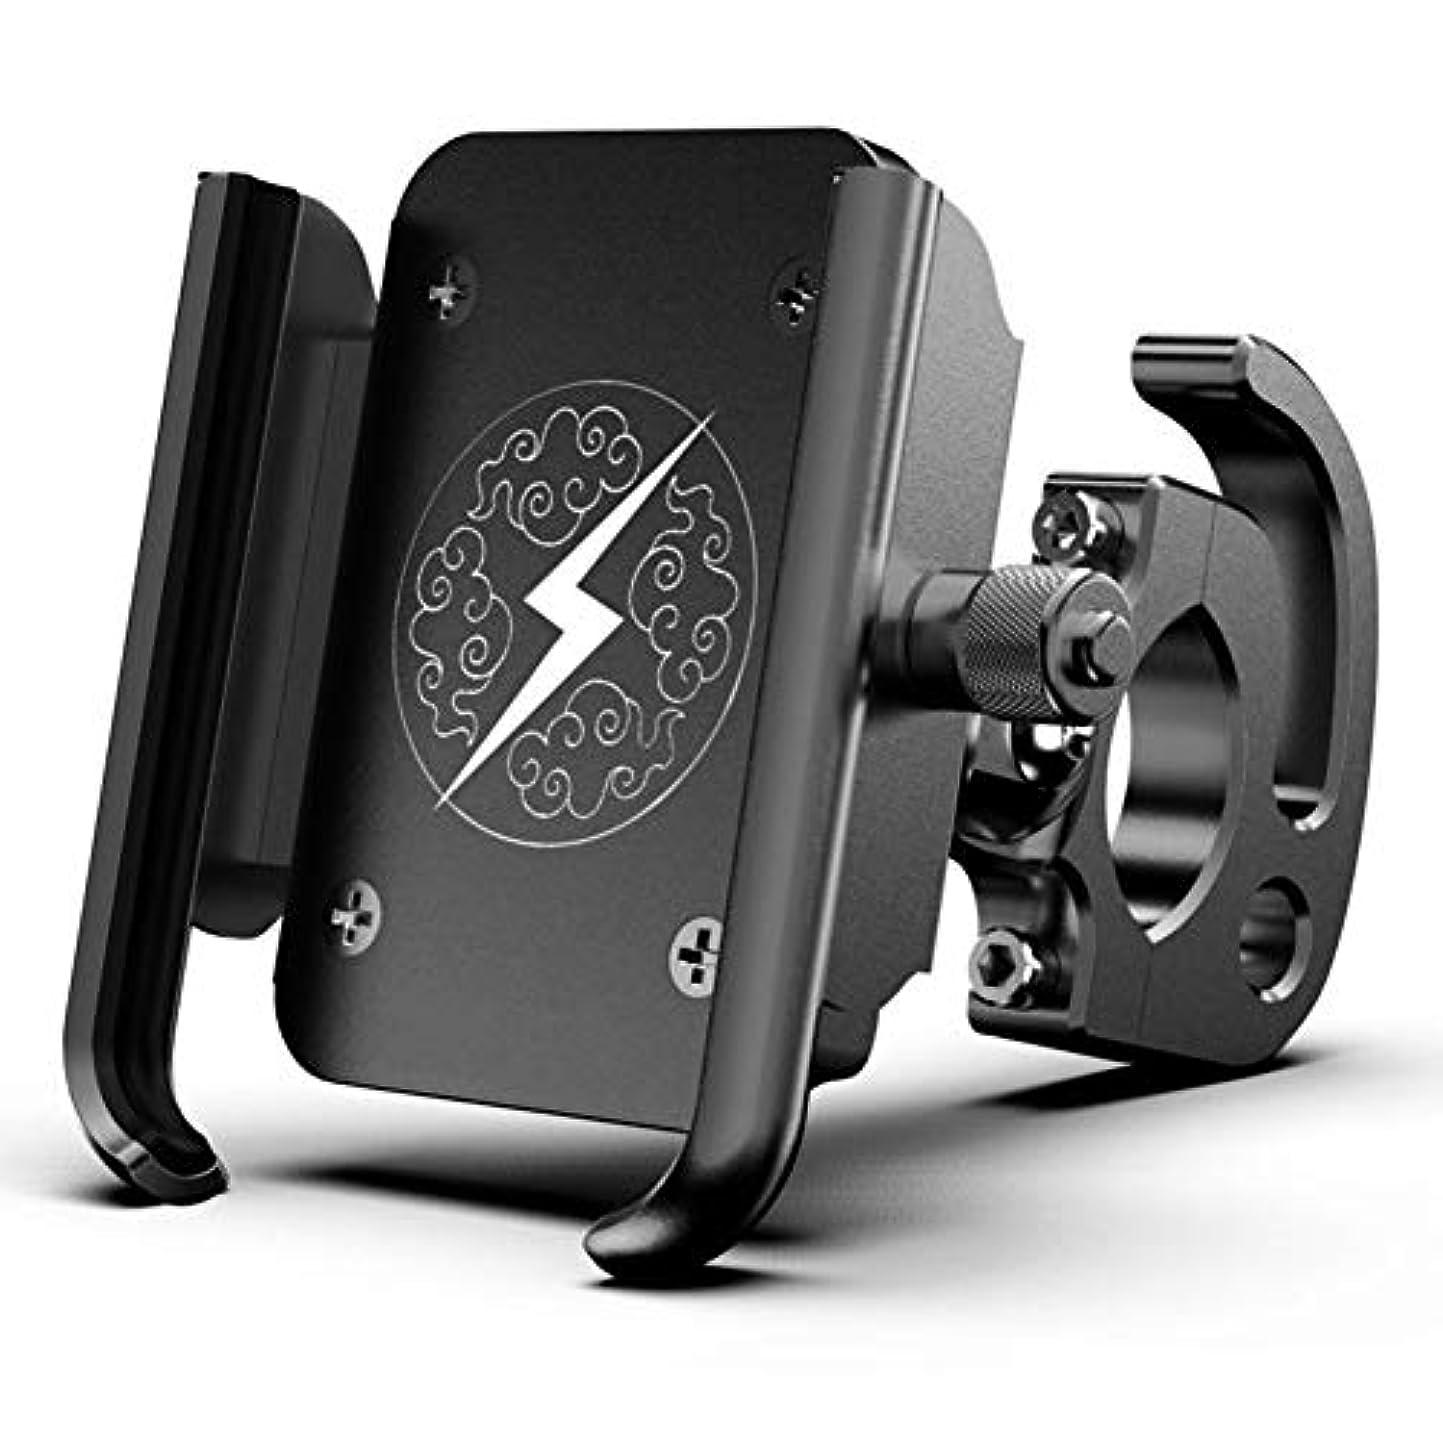 戻る批判的にグレートオーク自転車オートバイ携帯電話マウントホルダー - 360度回転 フック付きオートバイ車アルミニウム合金携帯電話ブラケット、あらゆるスマートフォンGPS用 - ユニバーサルマウンテンロードバイクオートバイ